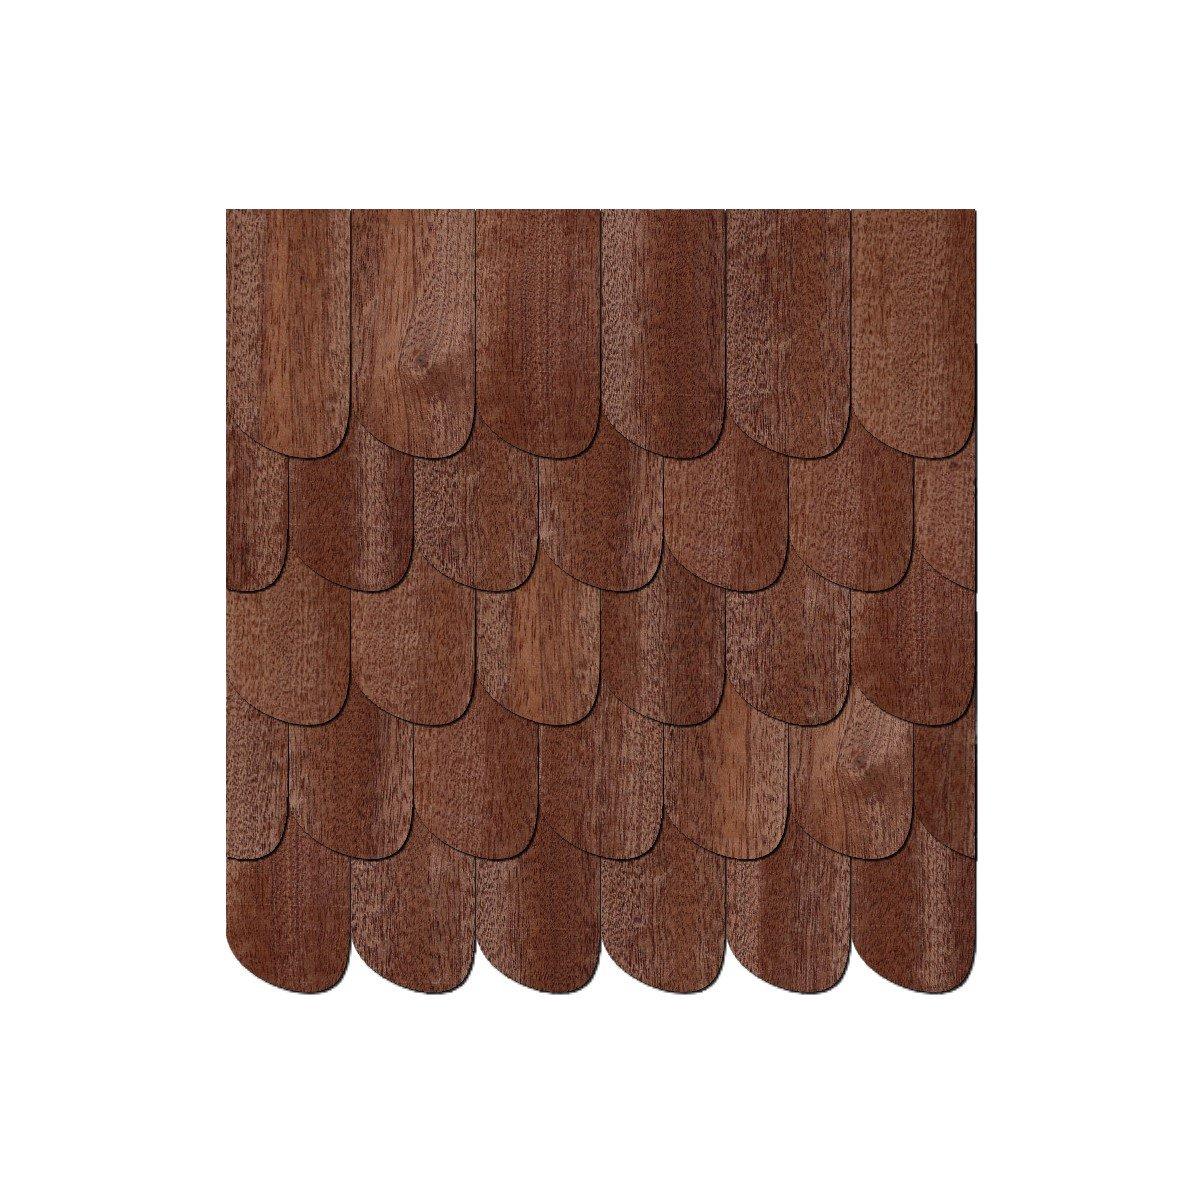 Echtholz Furnier dunkle Schindeln Schwarzwaldform rechts Gr/ö/ßen- und Mengenauswahl Schindelgr/ö/ße:15mm x 7.5mm Pack mit:100 St/ück